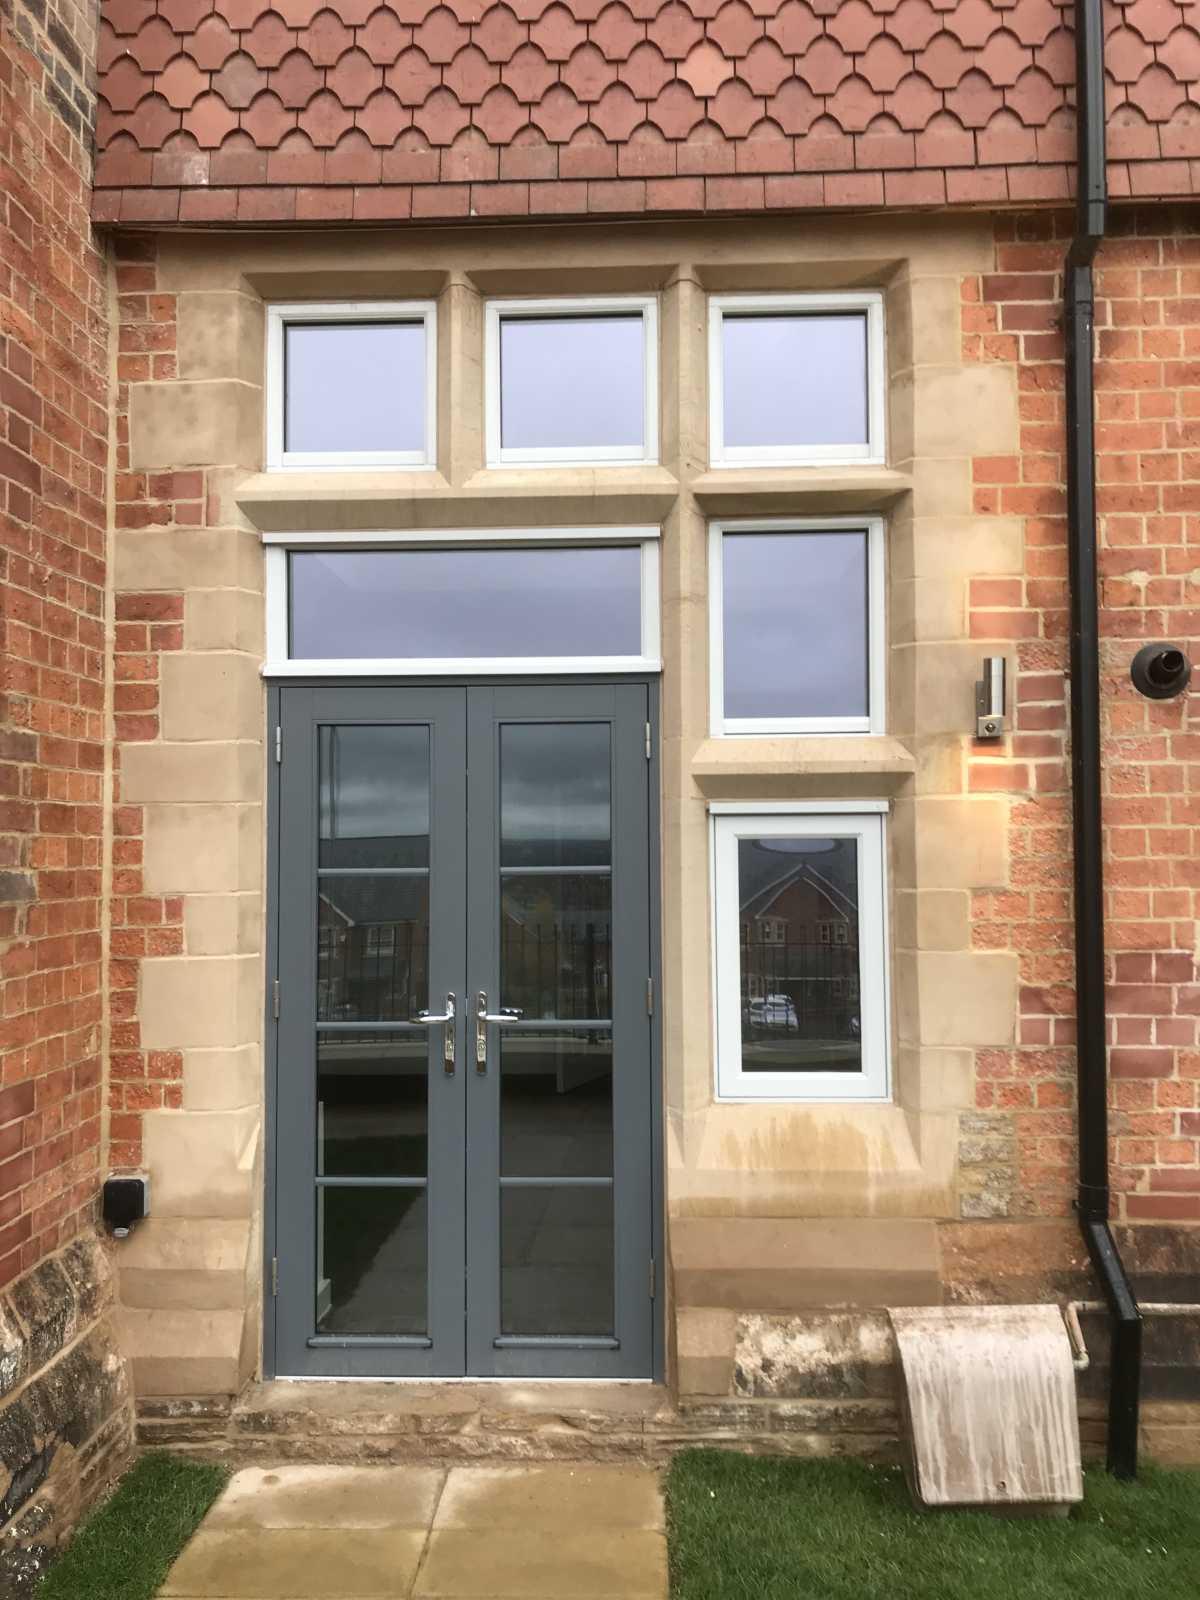 Cookridge Hospital Door and Window Surrounds